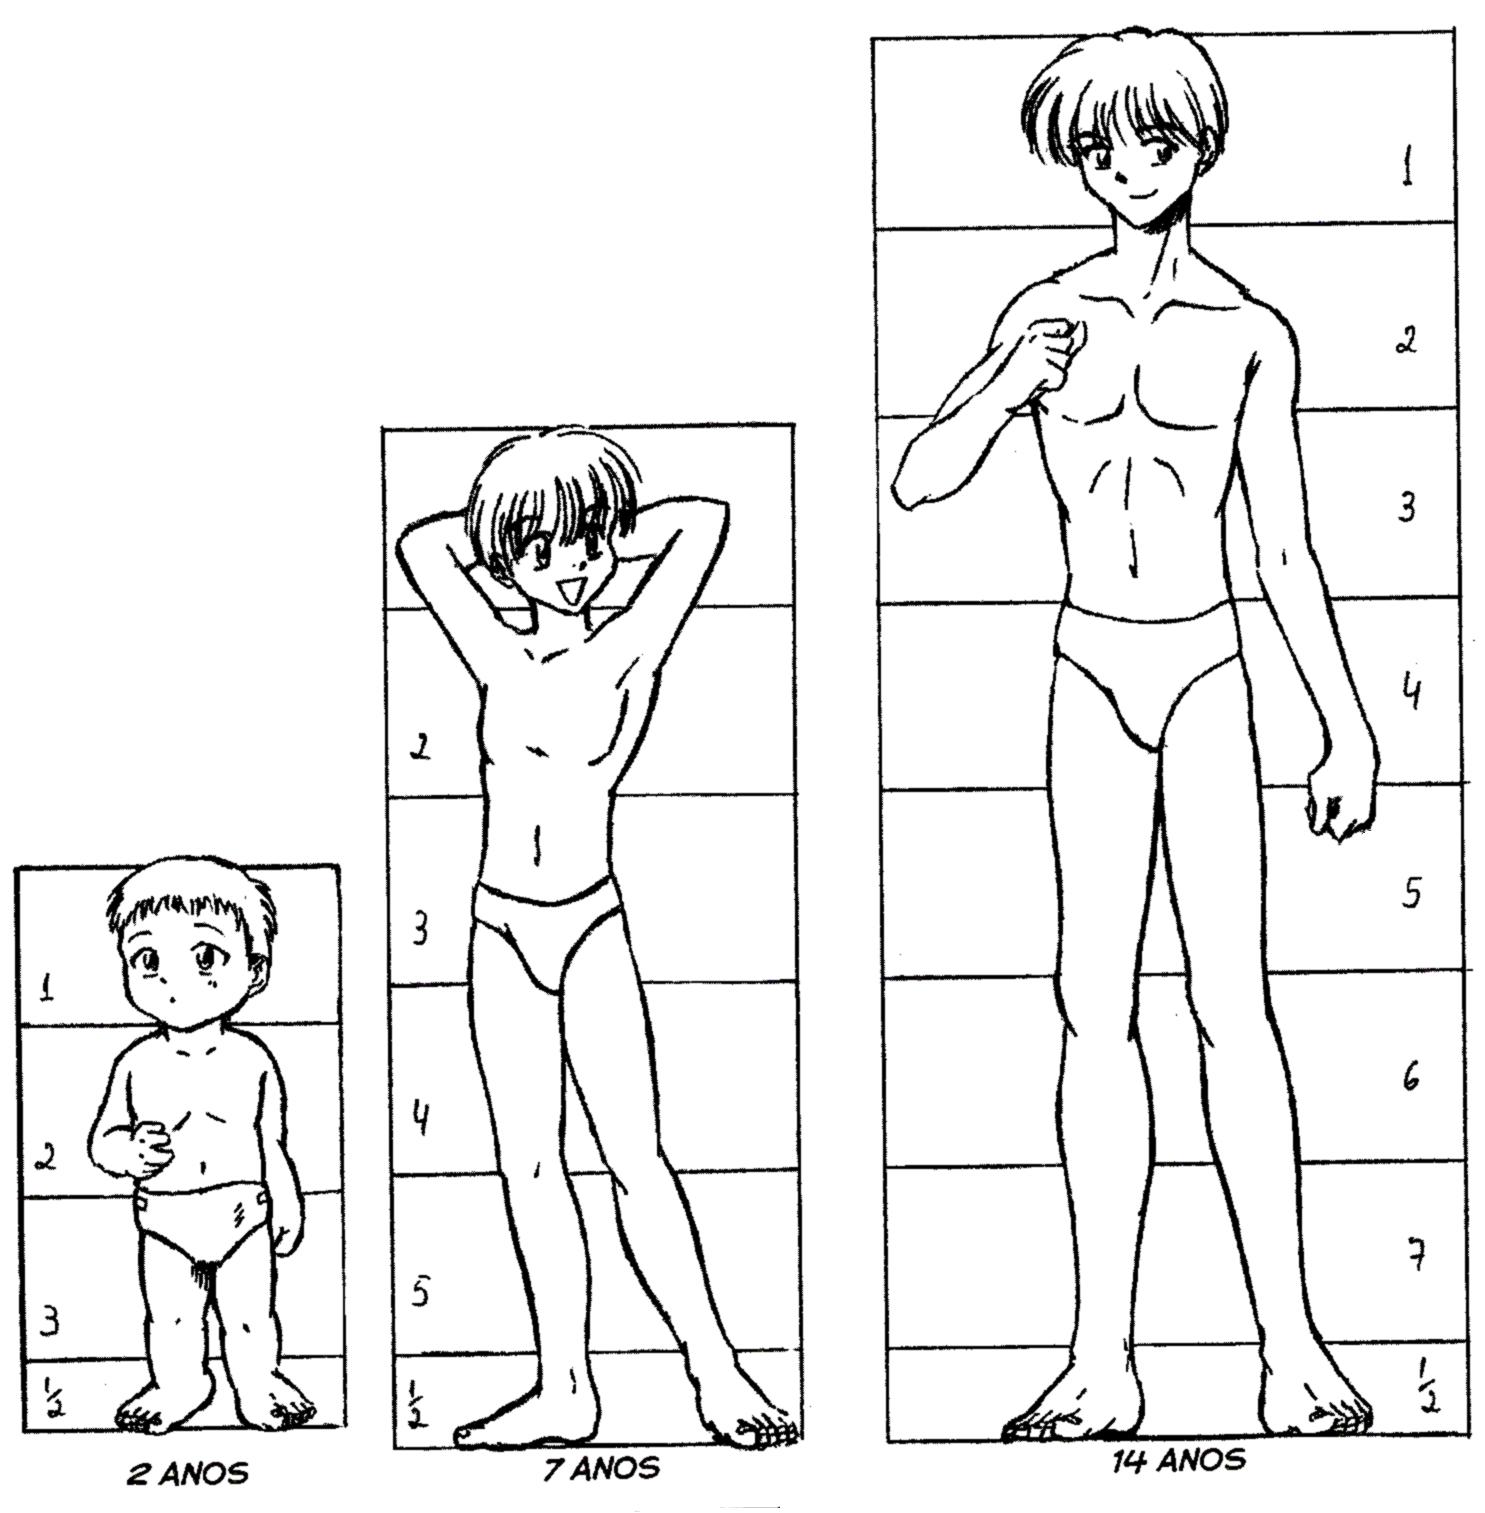 Blog Jose Petri Desenhando Um Personagem Masculino Variacoes De